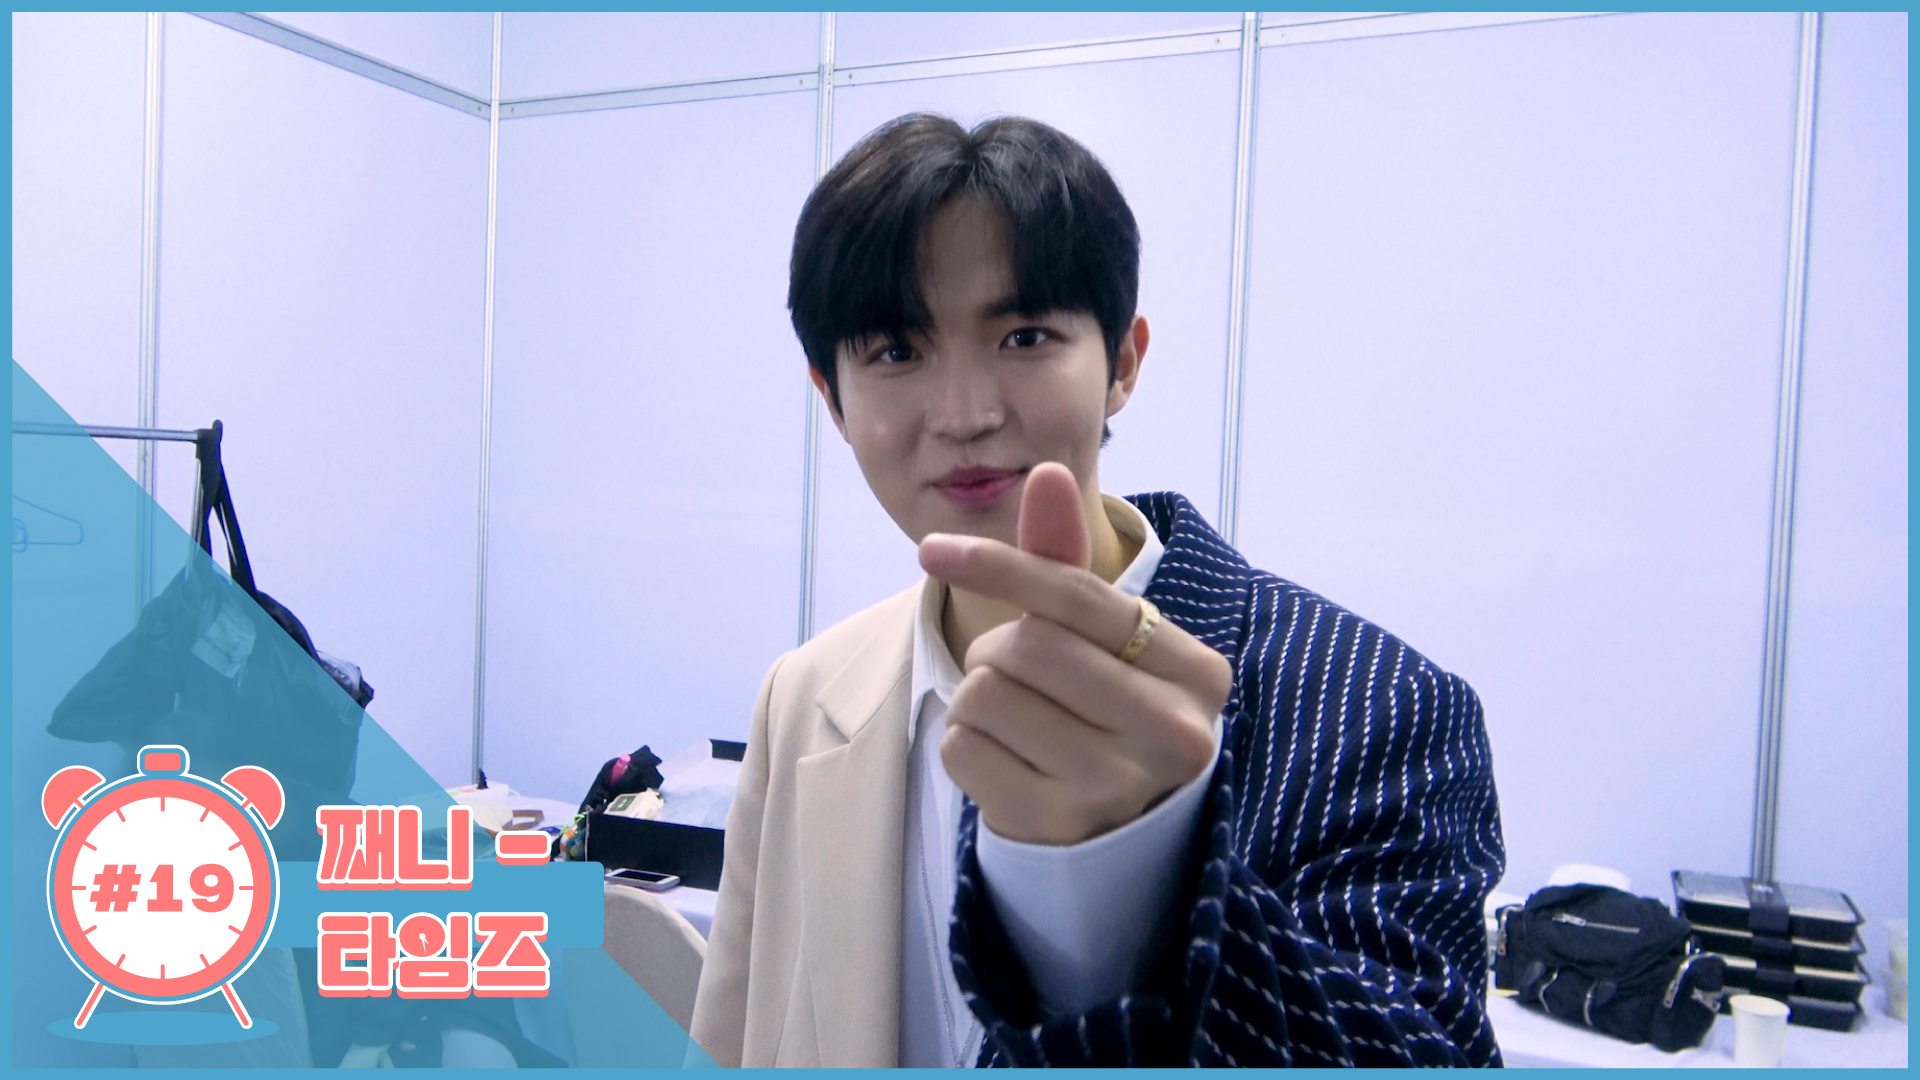 [🎬] 째니타임즈⏰ EP.19 K-POP FESTA IN BANGKOK 현장 비하인드